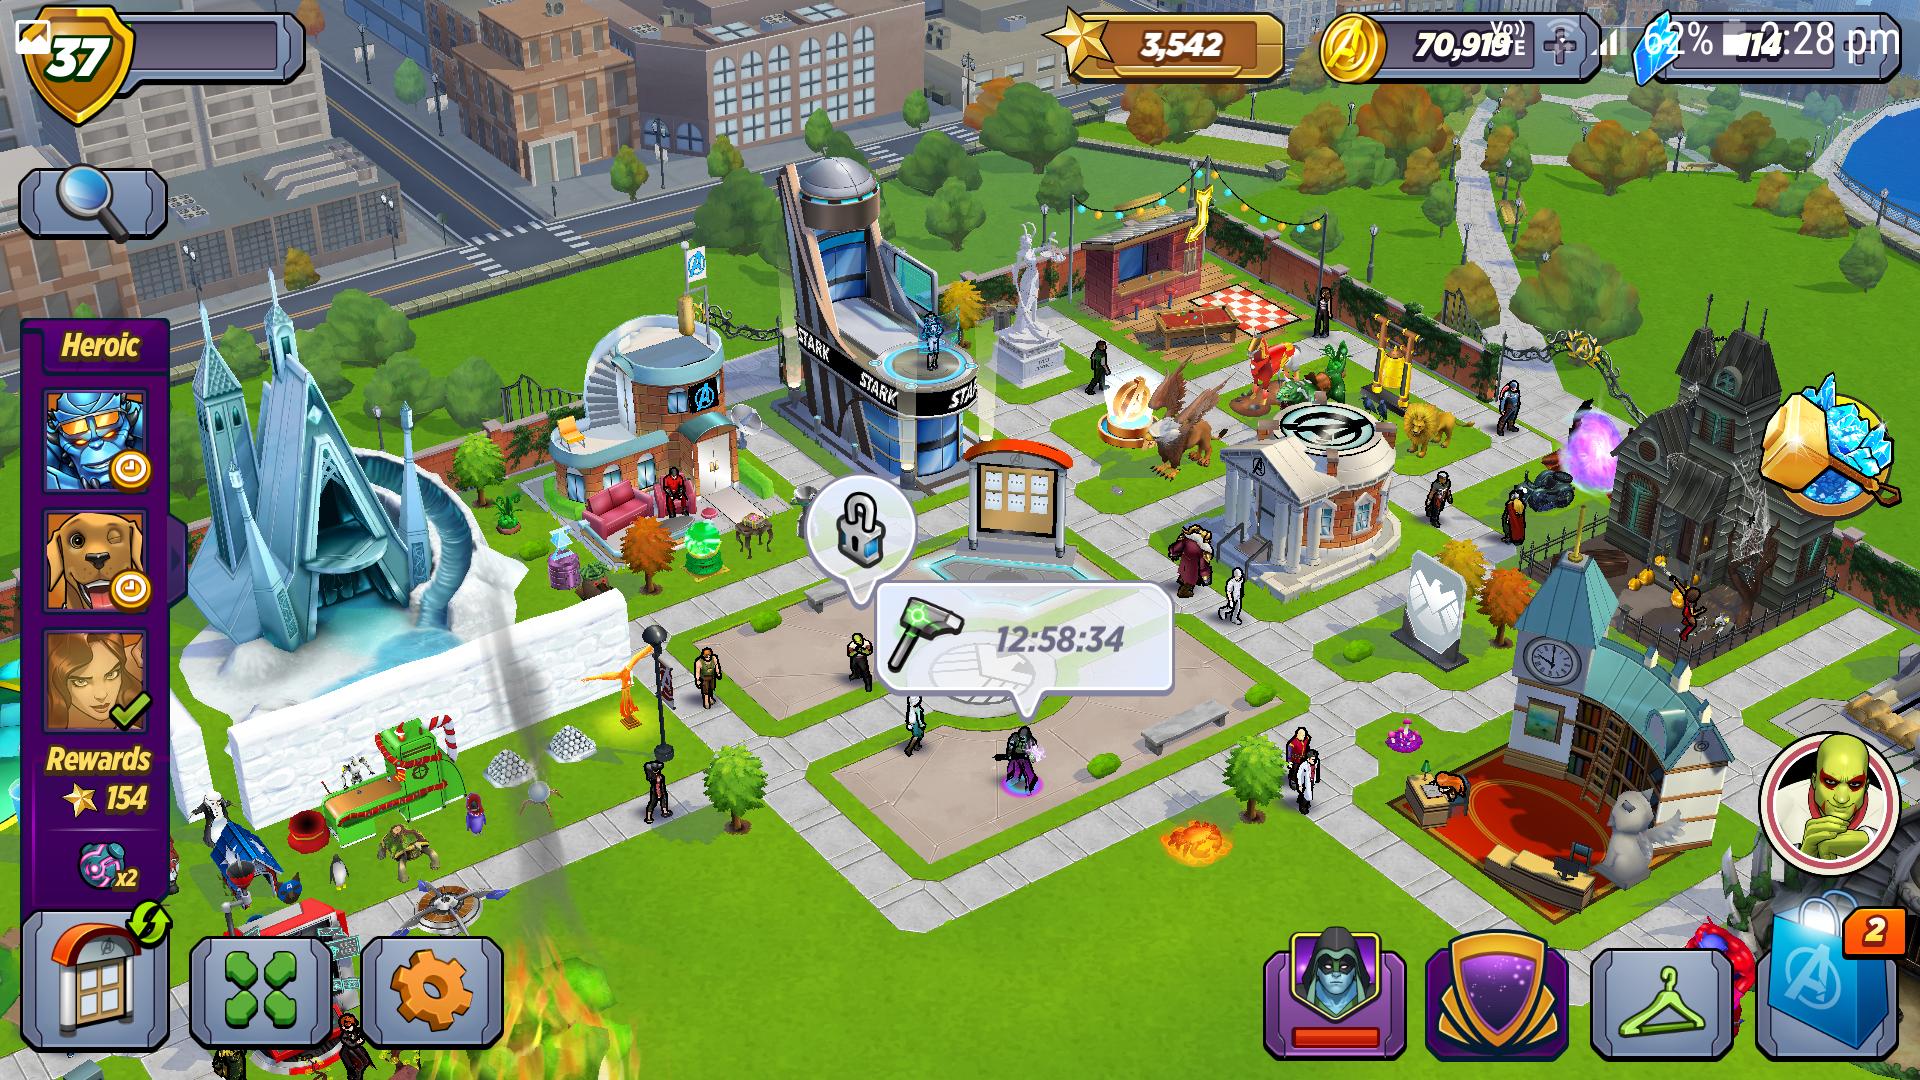 Telecharger Jeux Avengers Pc Gratuit tout Jeux Video Pc Gratuit Sans Telechargement